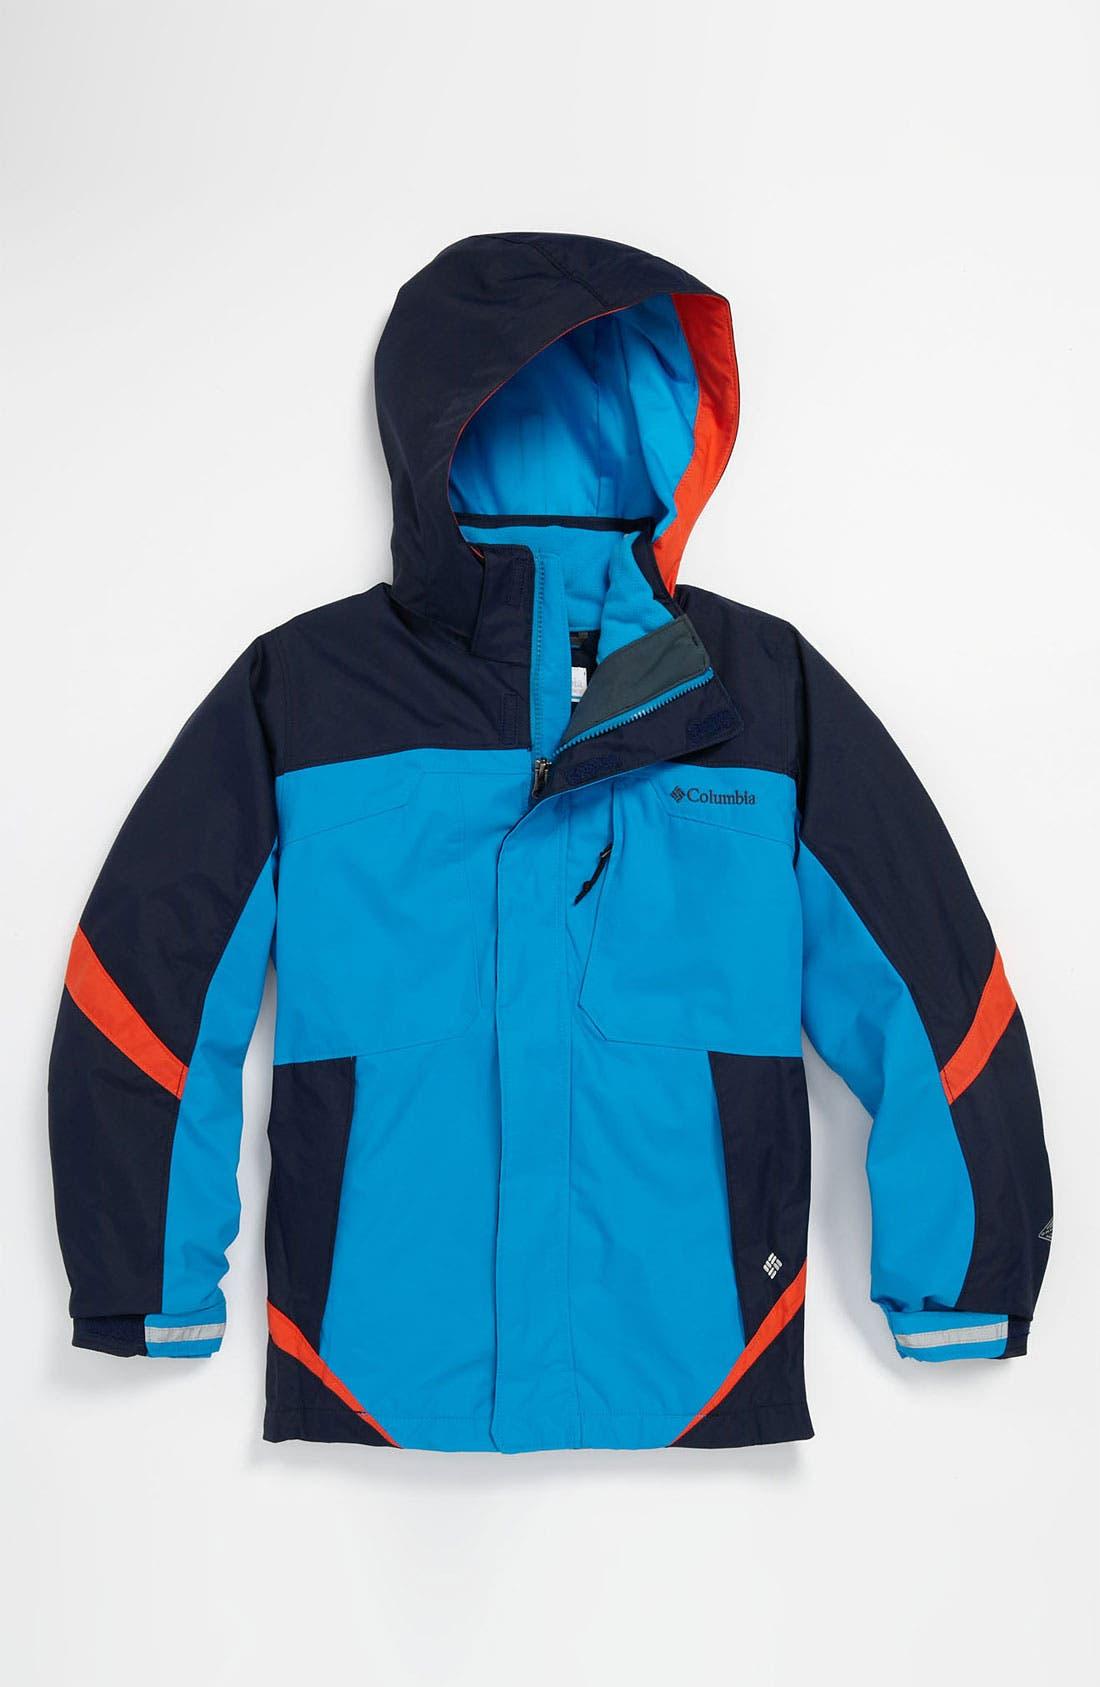 Main Image - Columbia 'Interchange' Jacket (Little Boys & Big Boys)